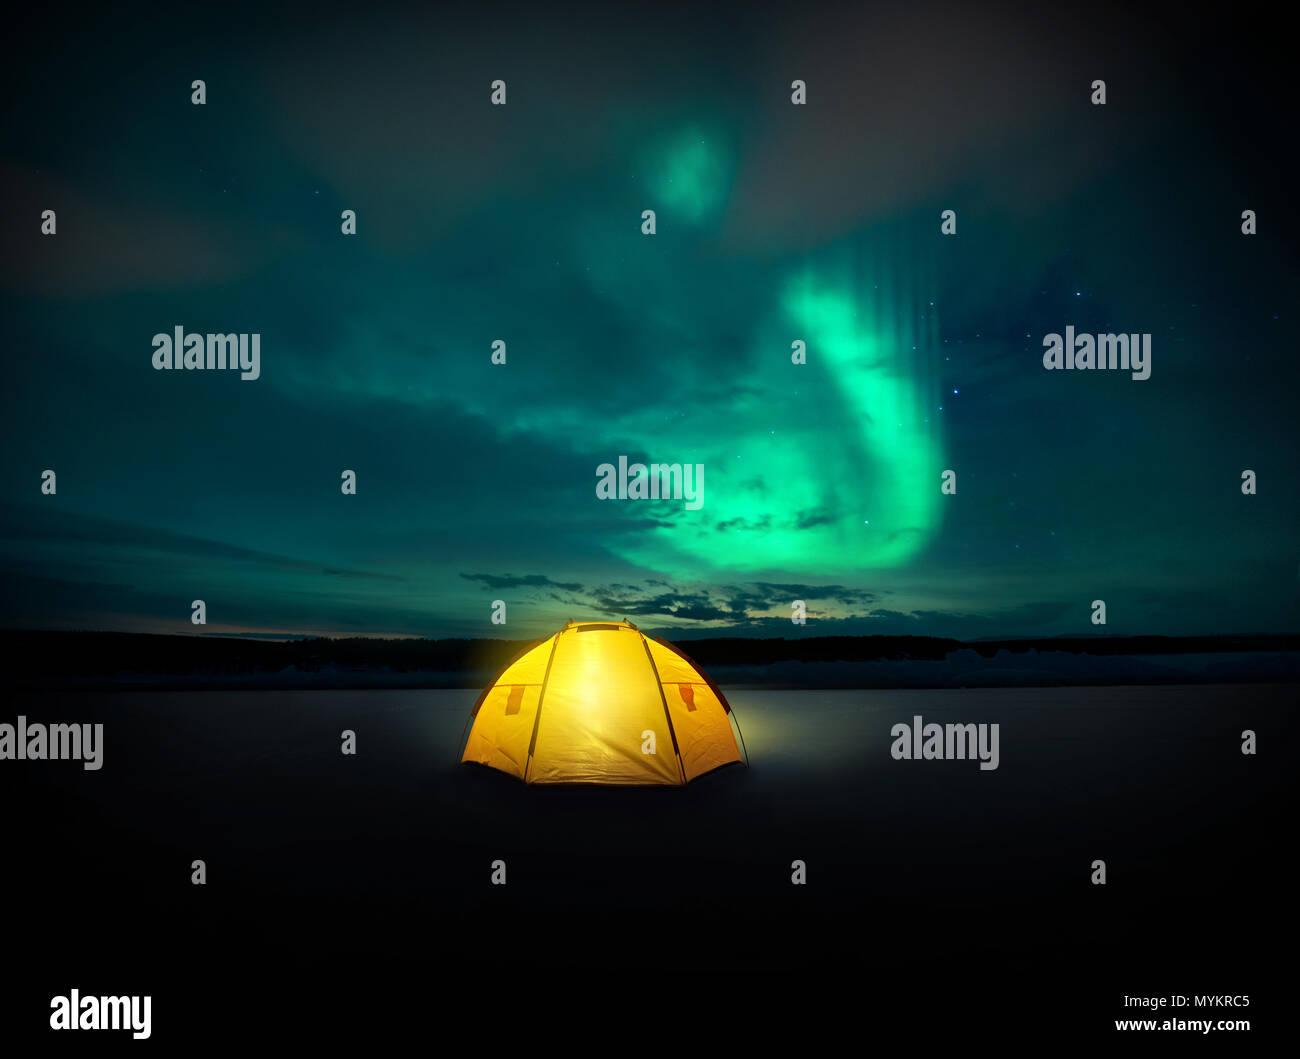 Dans le désert les lumières du Nord (aurores boréales) danse à travers le ciel de nuit en Suède, au-dessus de l'éclairage incandescent de la tente de camping. Pho Photo Stock